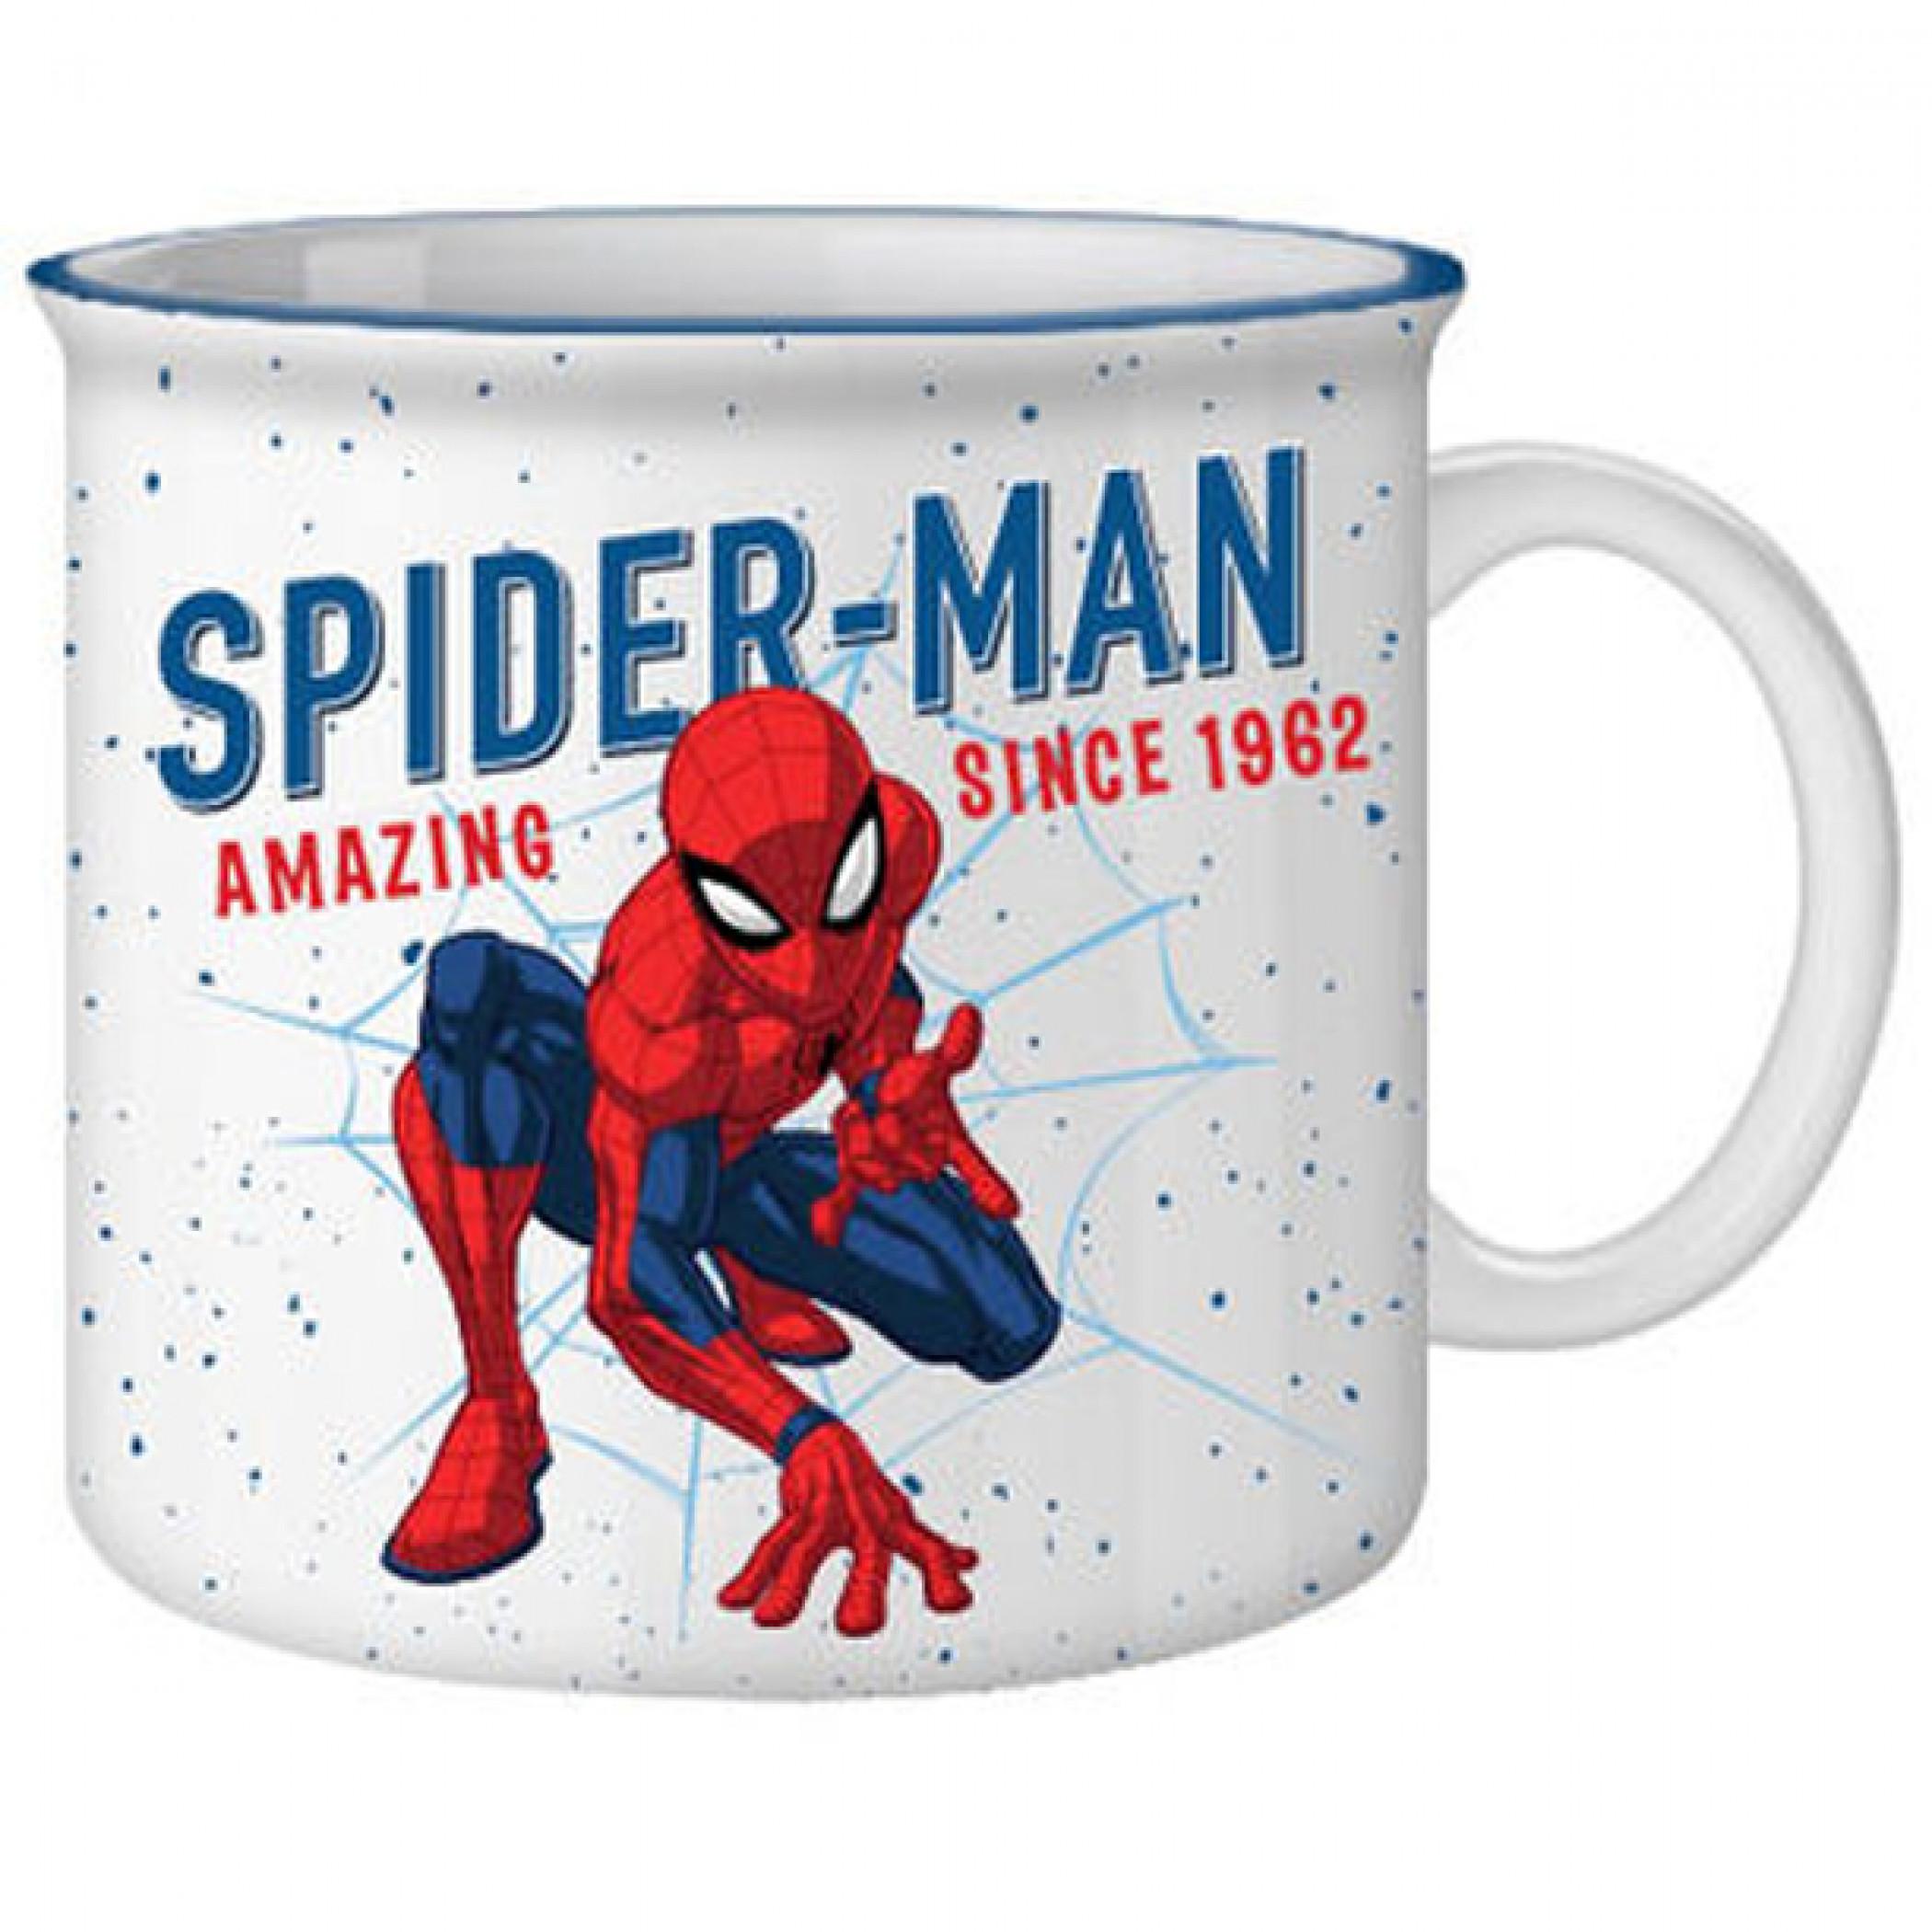 Spider-Man Authentic 1962 20oz Ceramic Camper Mug